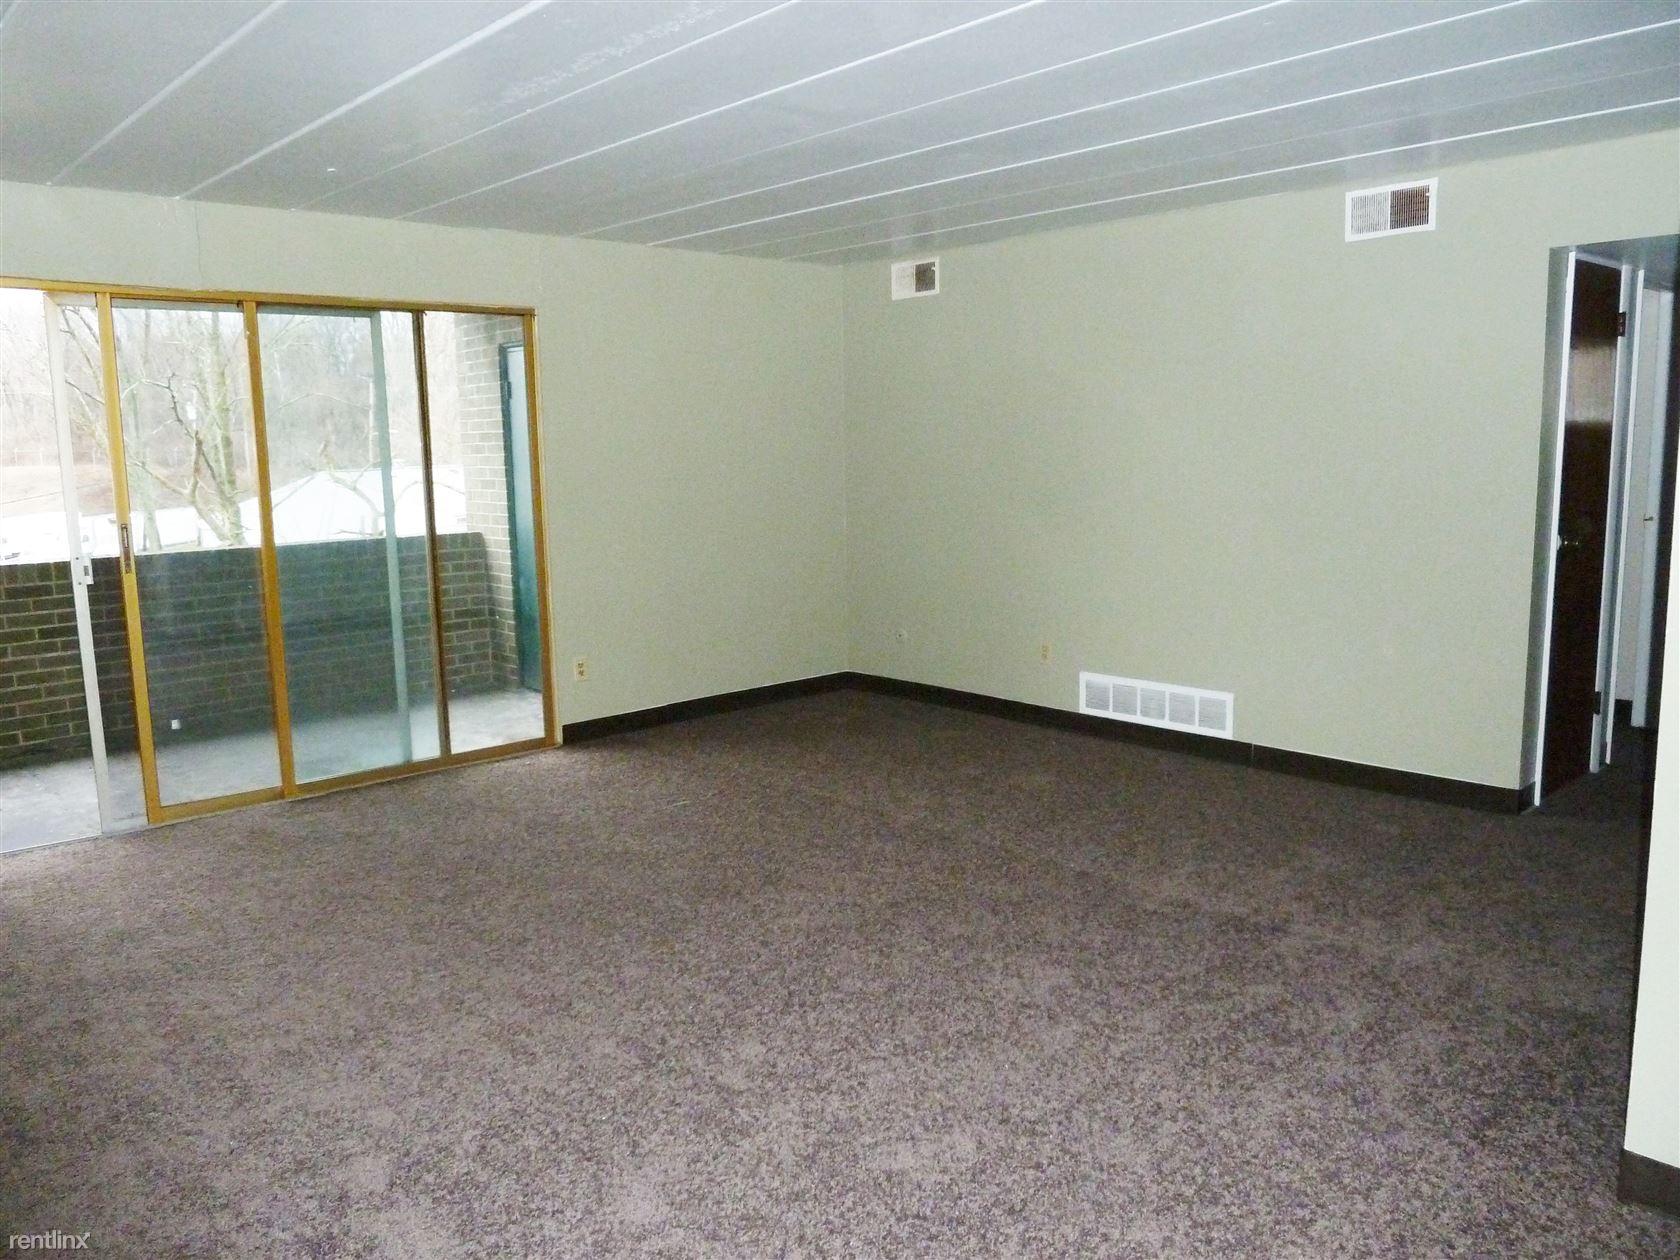 270 W Steuben St, Crafton, PA - $750